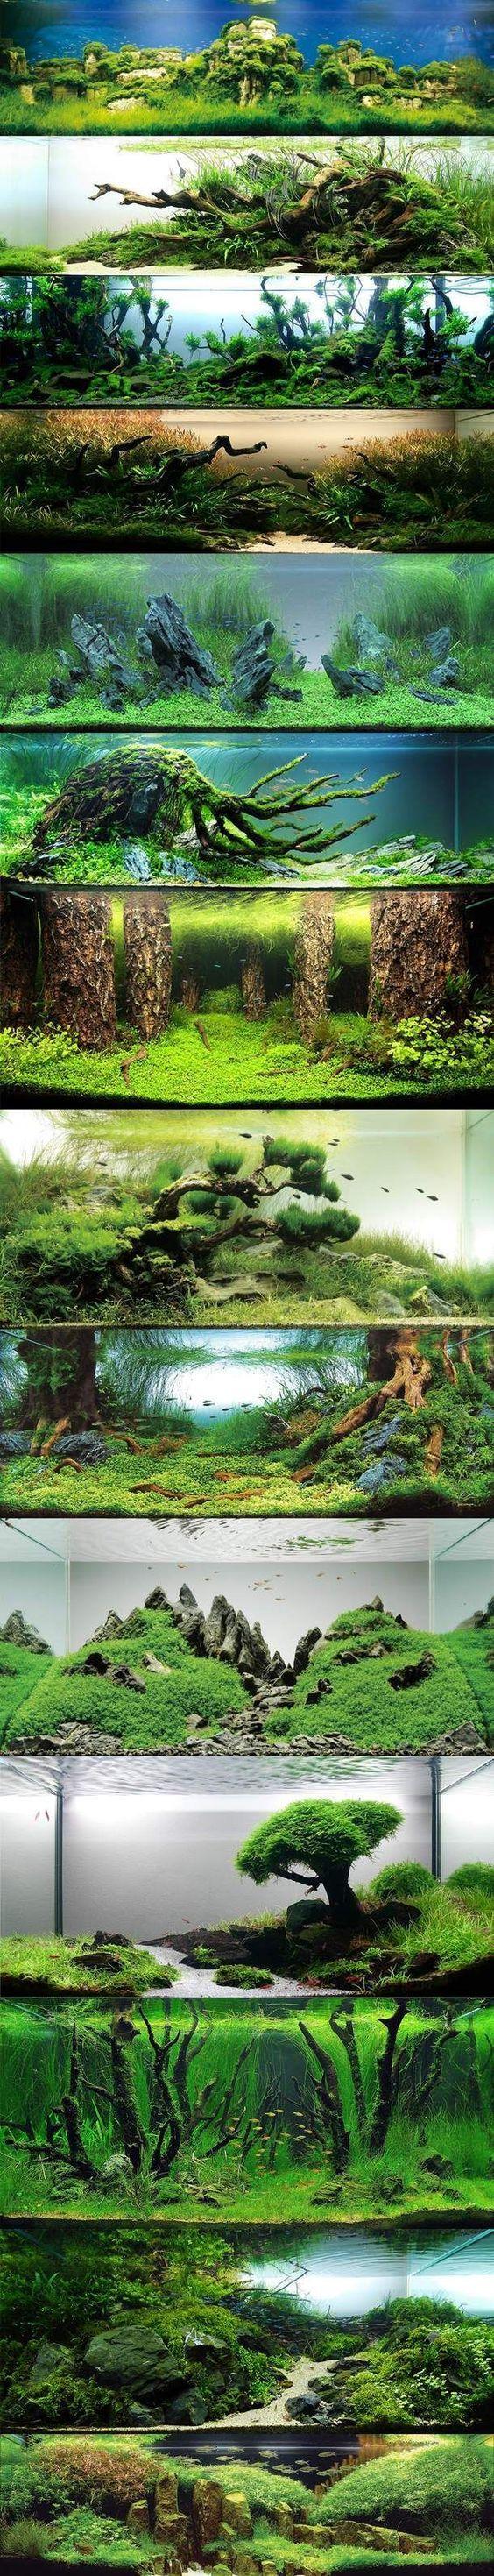 Aquarium fish tank external filter ef 1 1000l h - Juwel Aqua Clean Aquarium Fish Tank Gravel